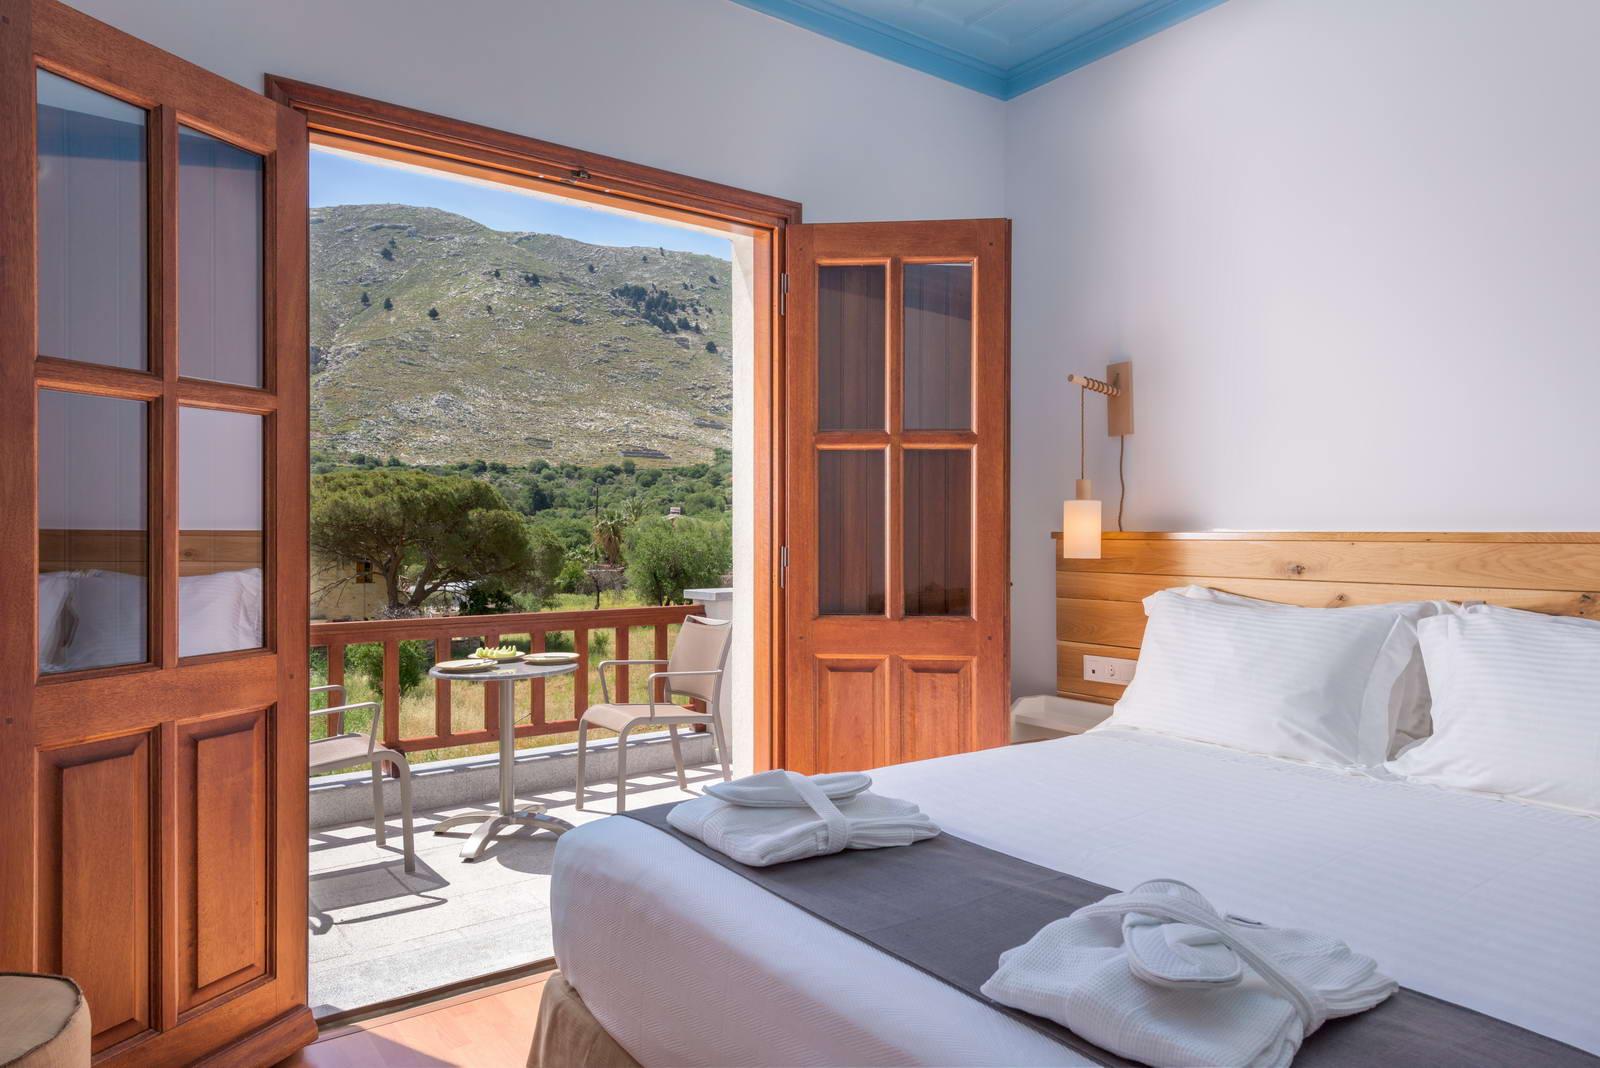 asymi residences symi greece 1